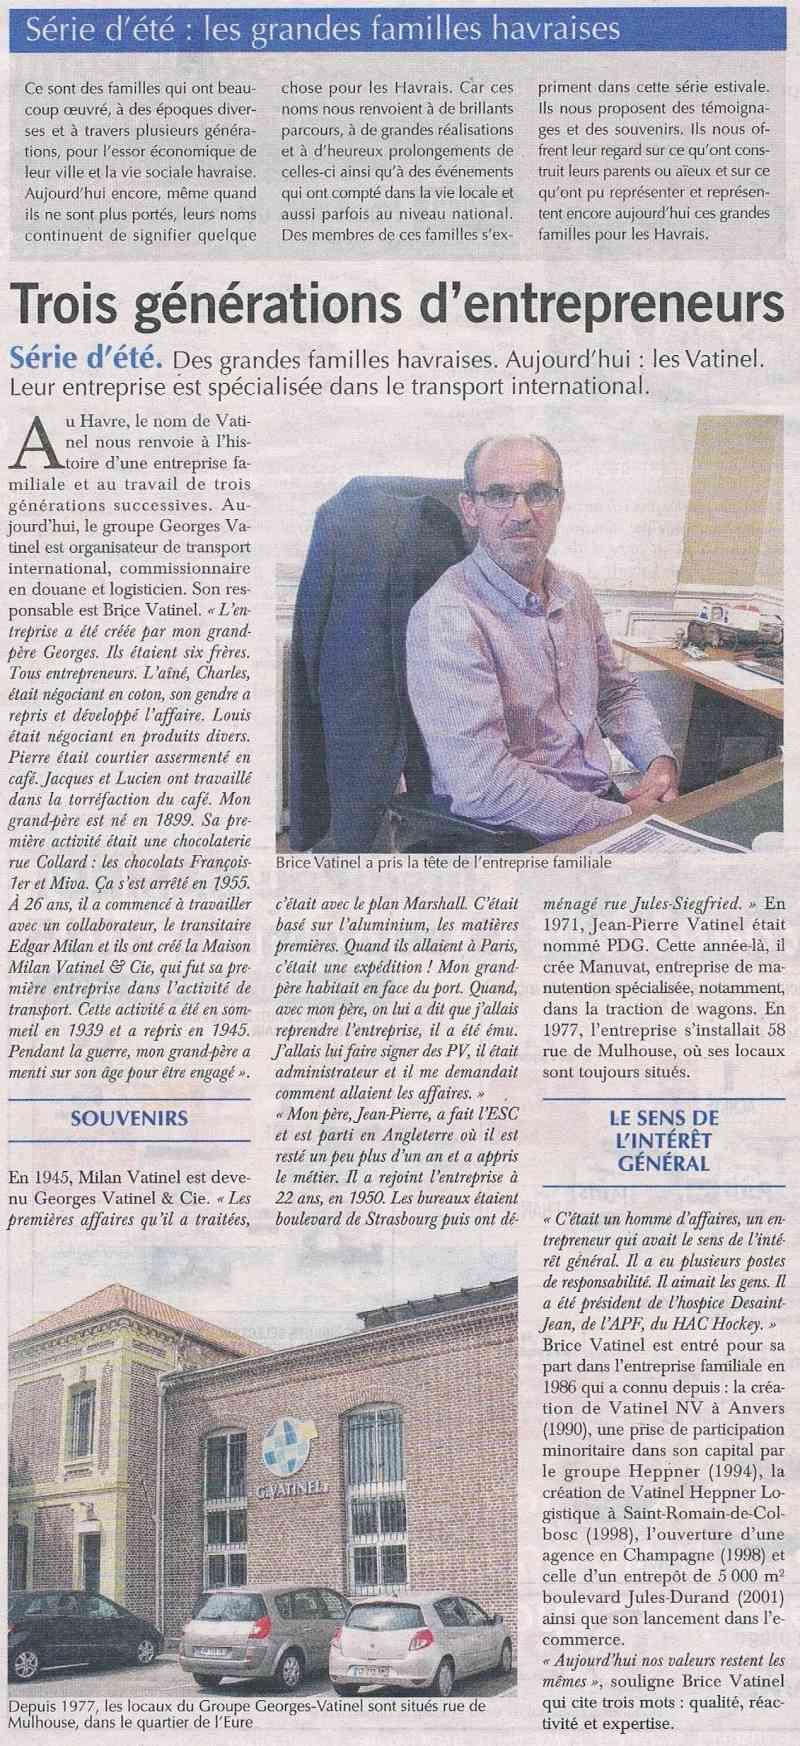 delamare - Les grandes familles Havraises 2015-024